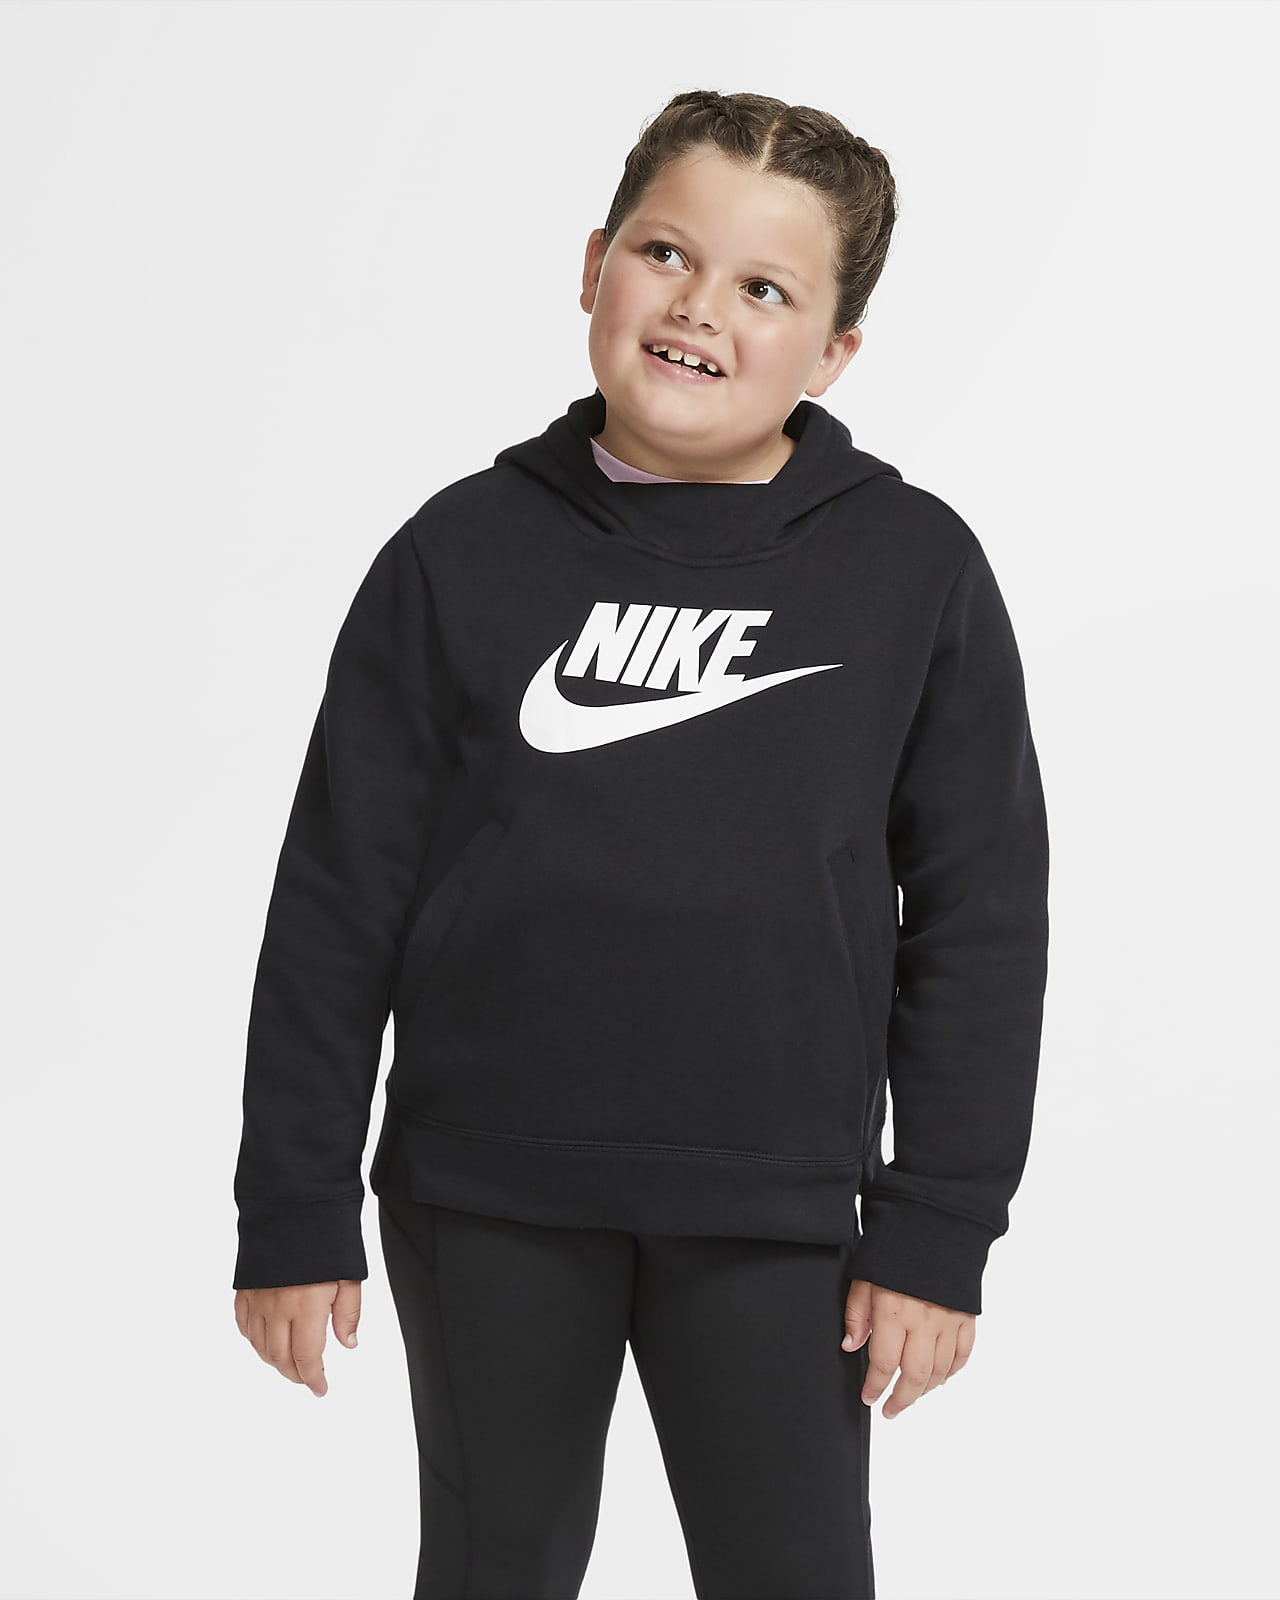 Nike Sportswear belebújós kapucnis pulóver nagyobb gyerekeknek (lányoknak) (hosszabb méret)